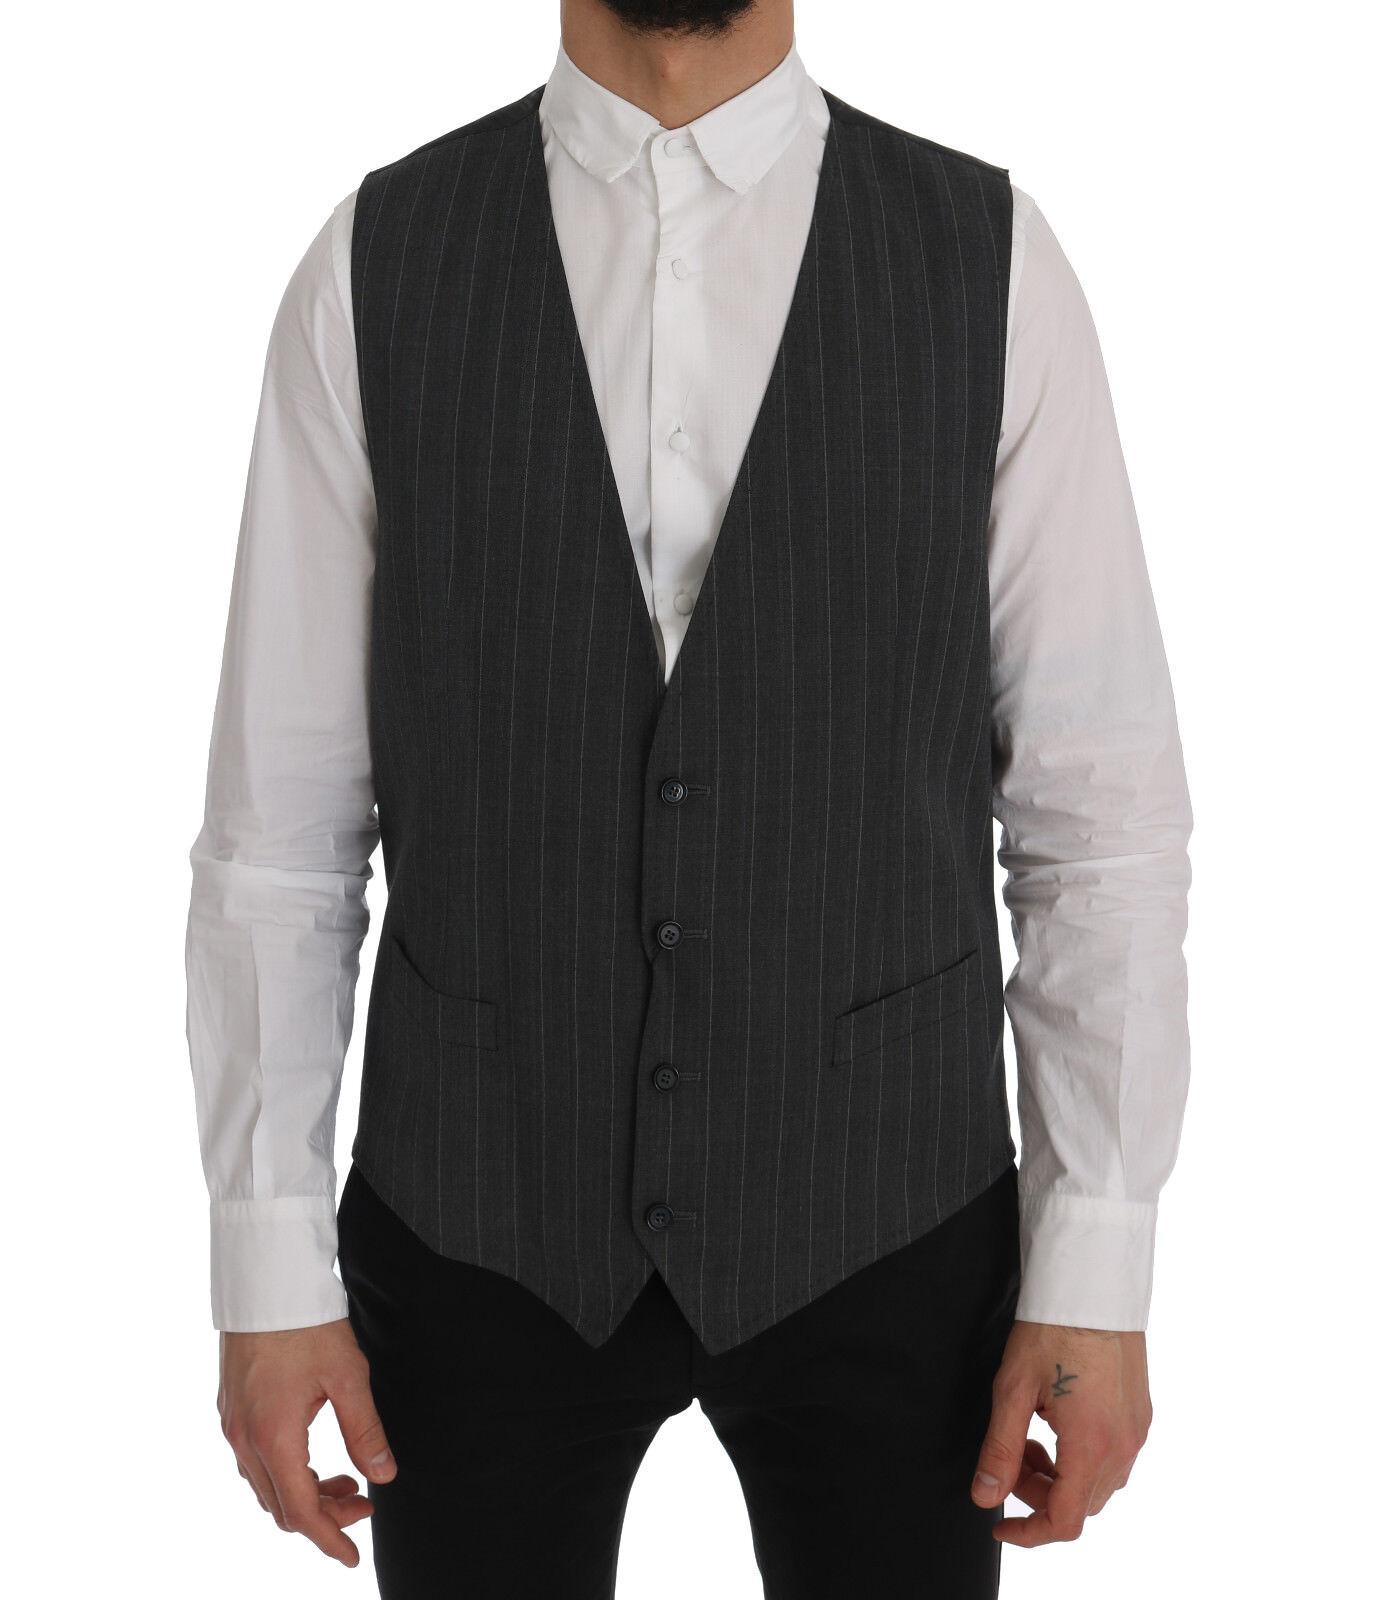 NEW 360 DOLCE & GABBANA Vest Waistcoat grau Wool Stretch Gilet IT56 / US46 /XXL